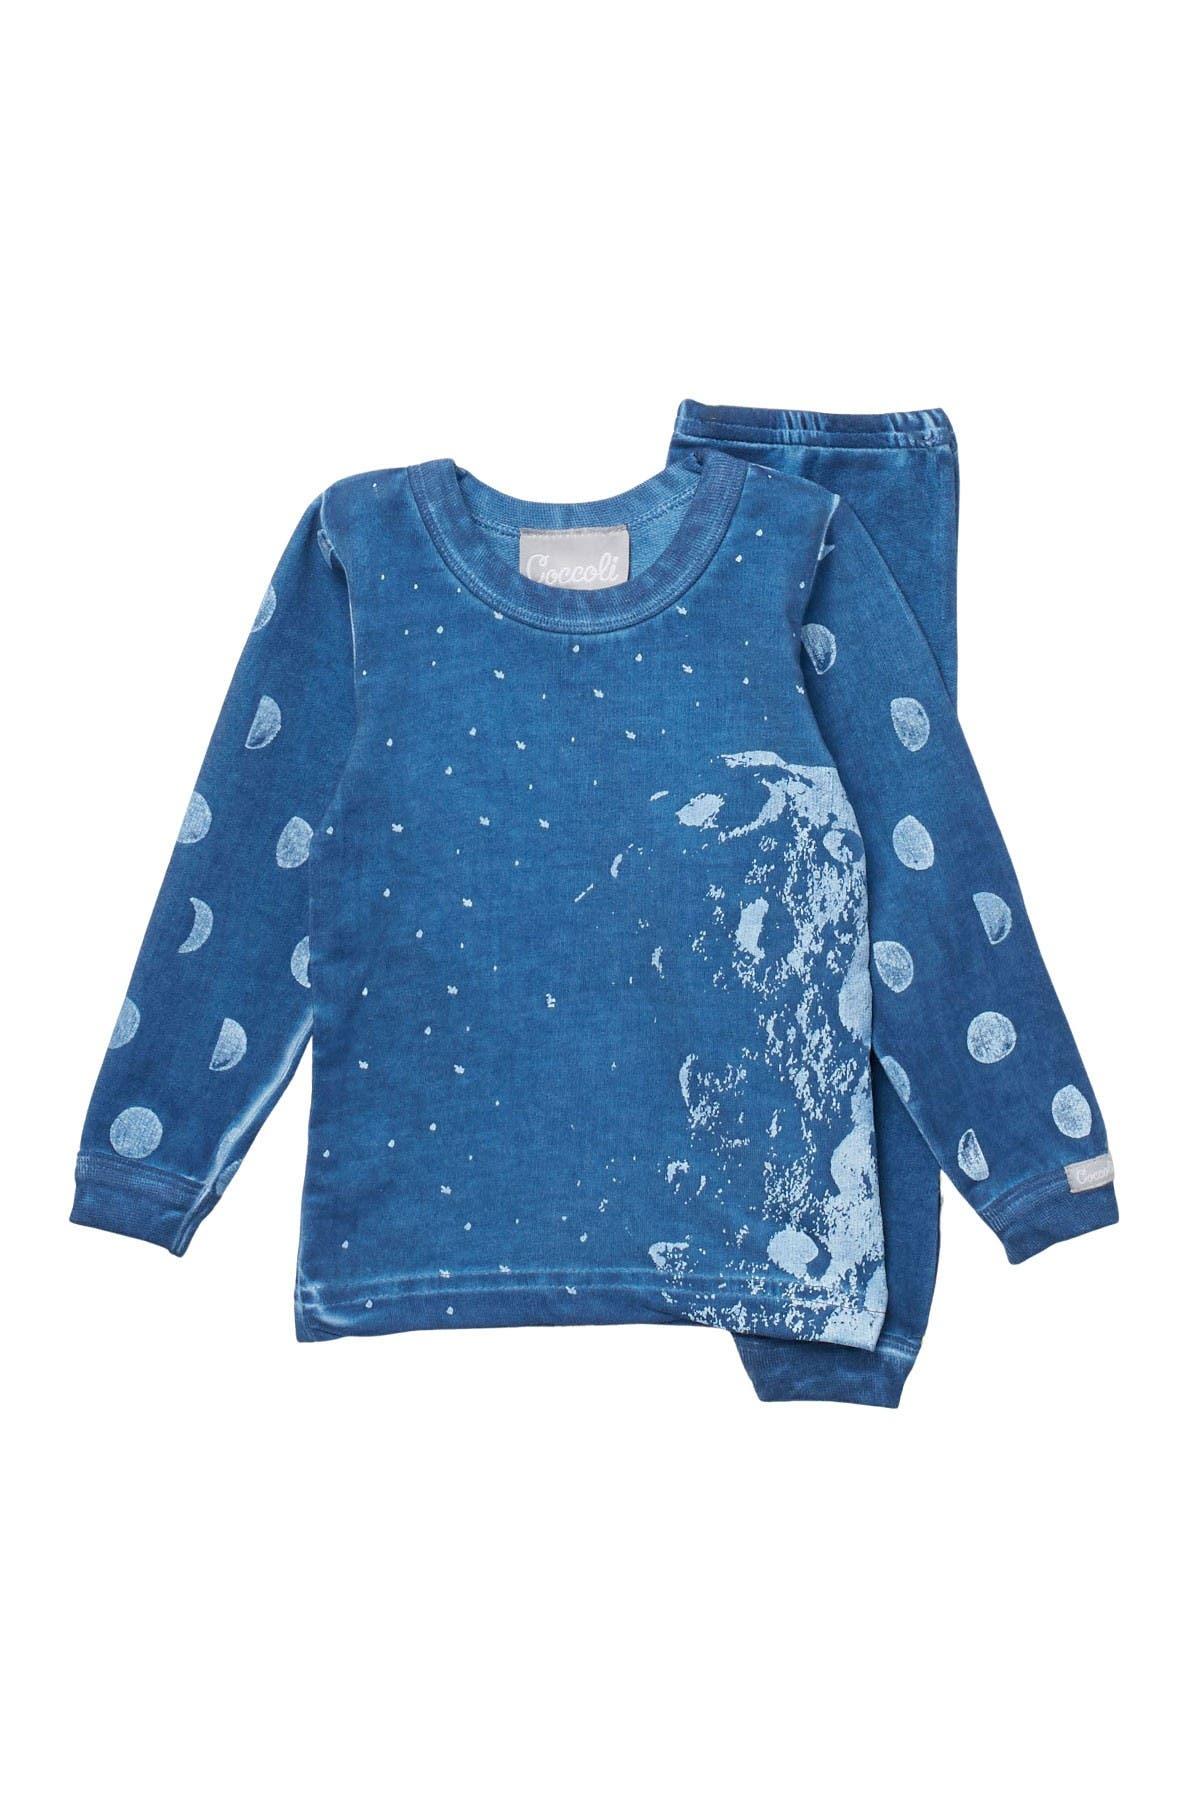 Image of Coccoli Top & Pants Pajama Set